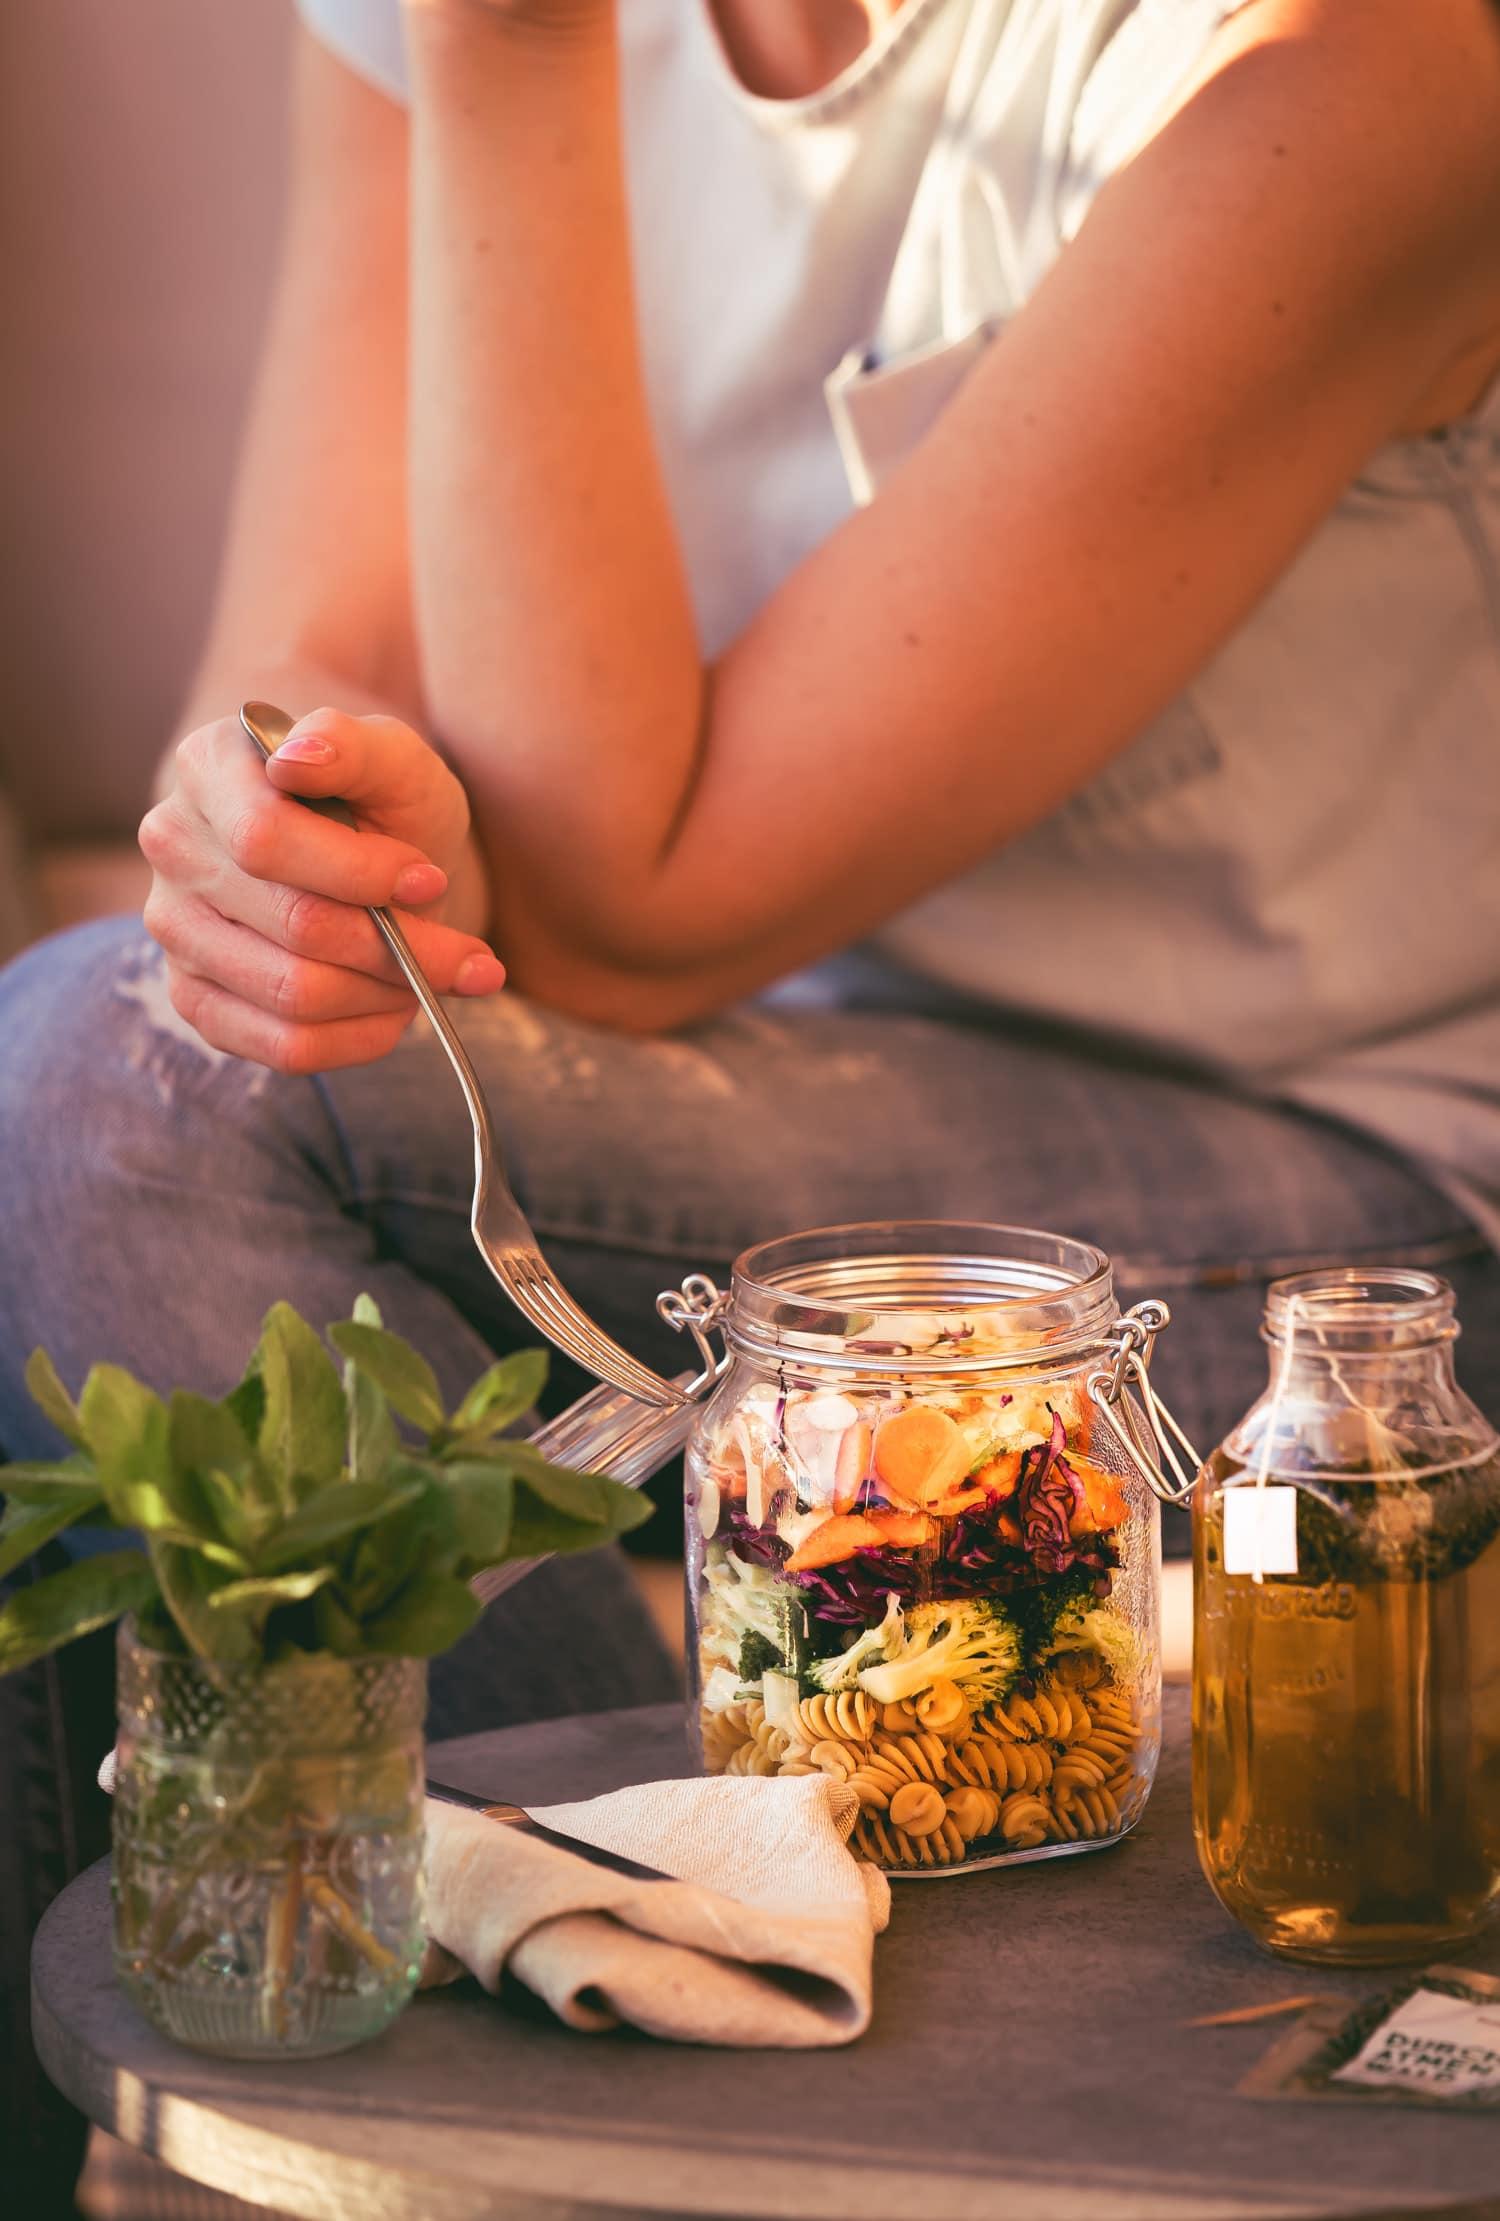 Veganer Nudelsalat und Tee für die Mittagspause